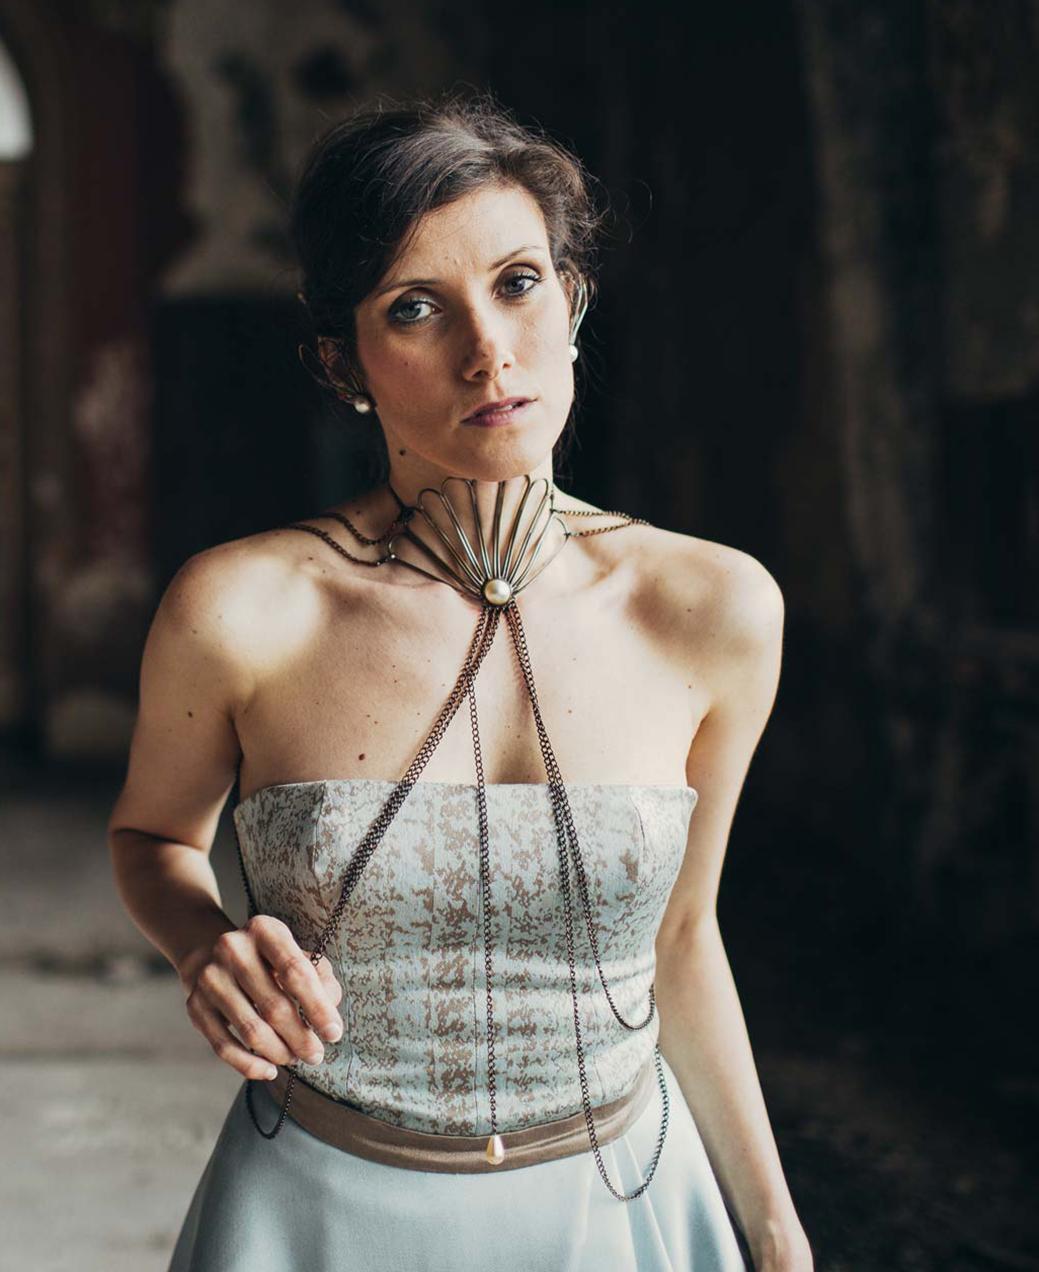 Gioiello Safia Malvarosa